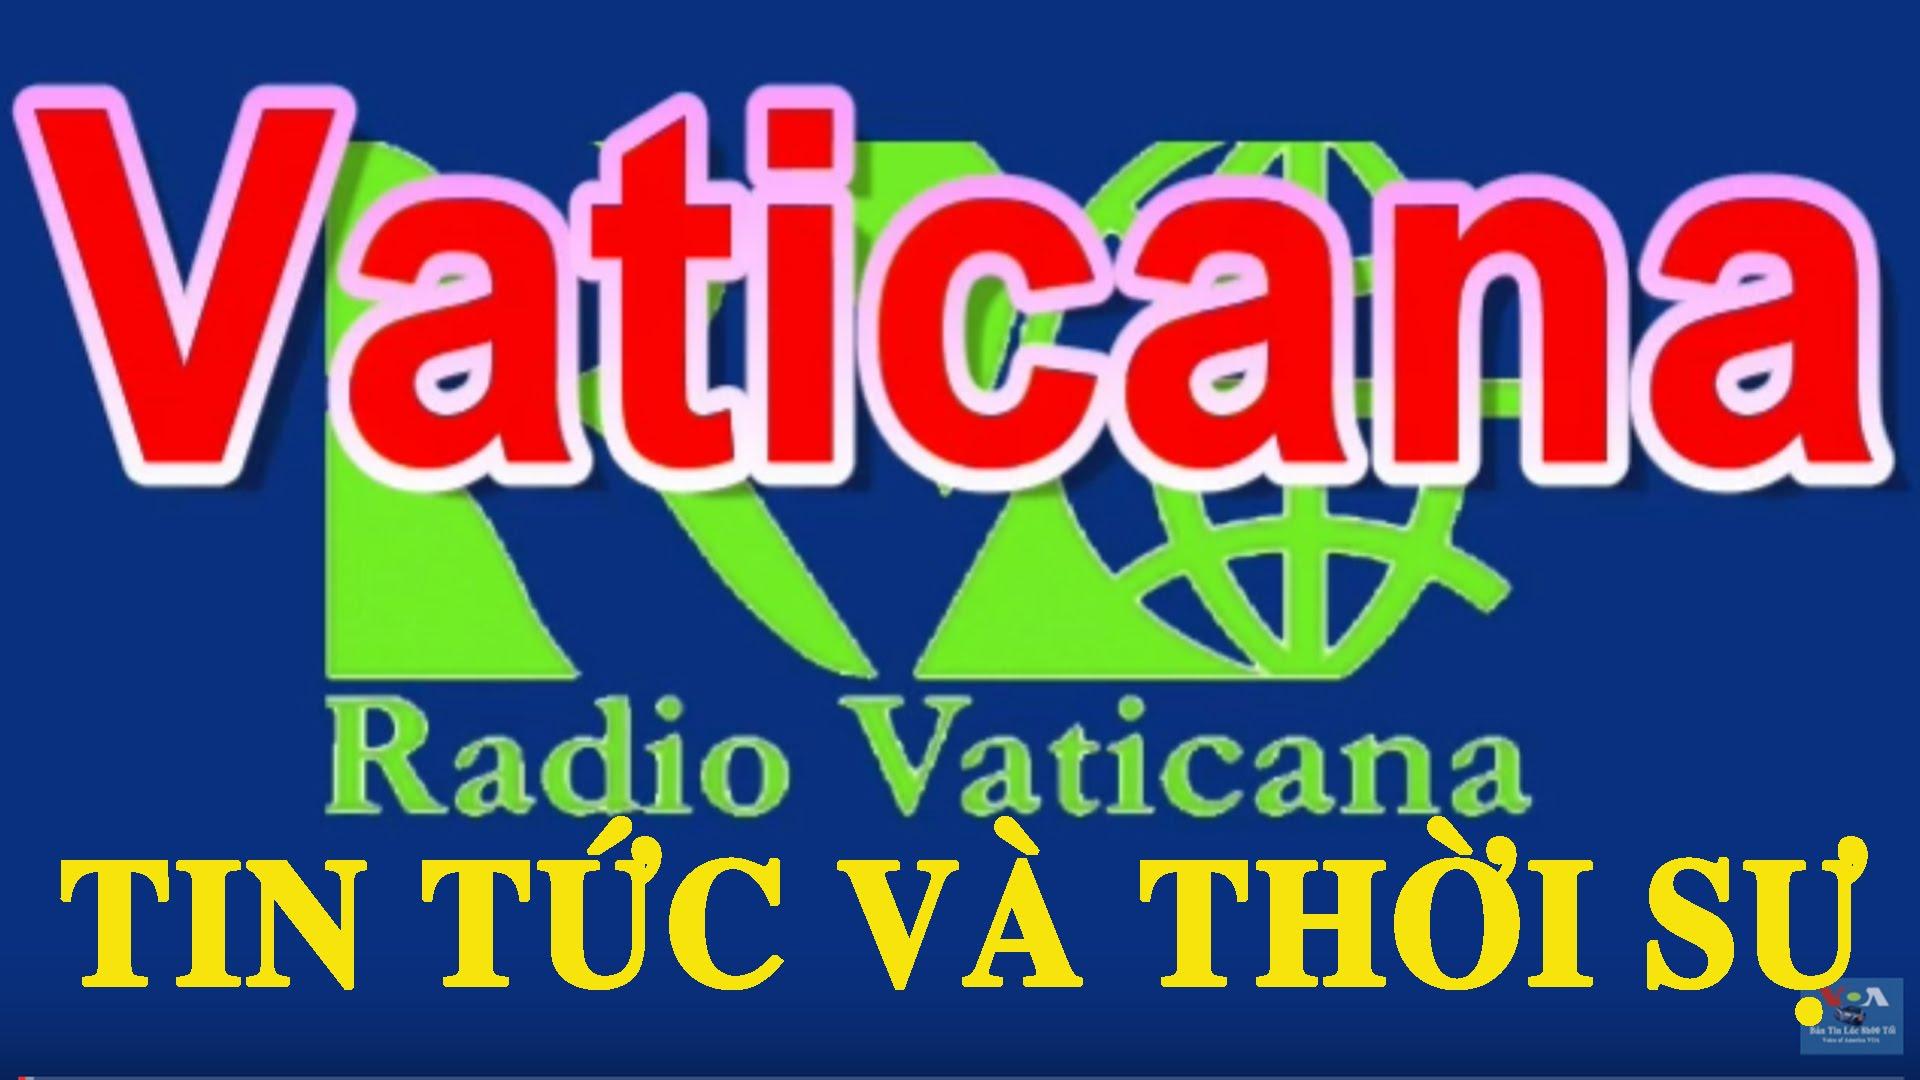 Đài phát thanh Vatican, thứ sáu 31.3.2017